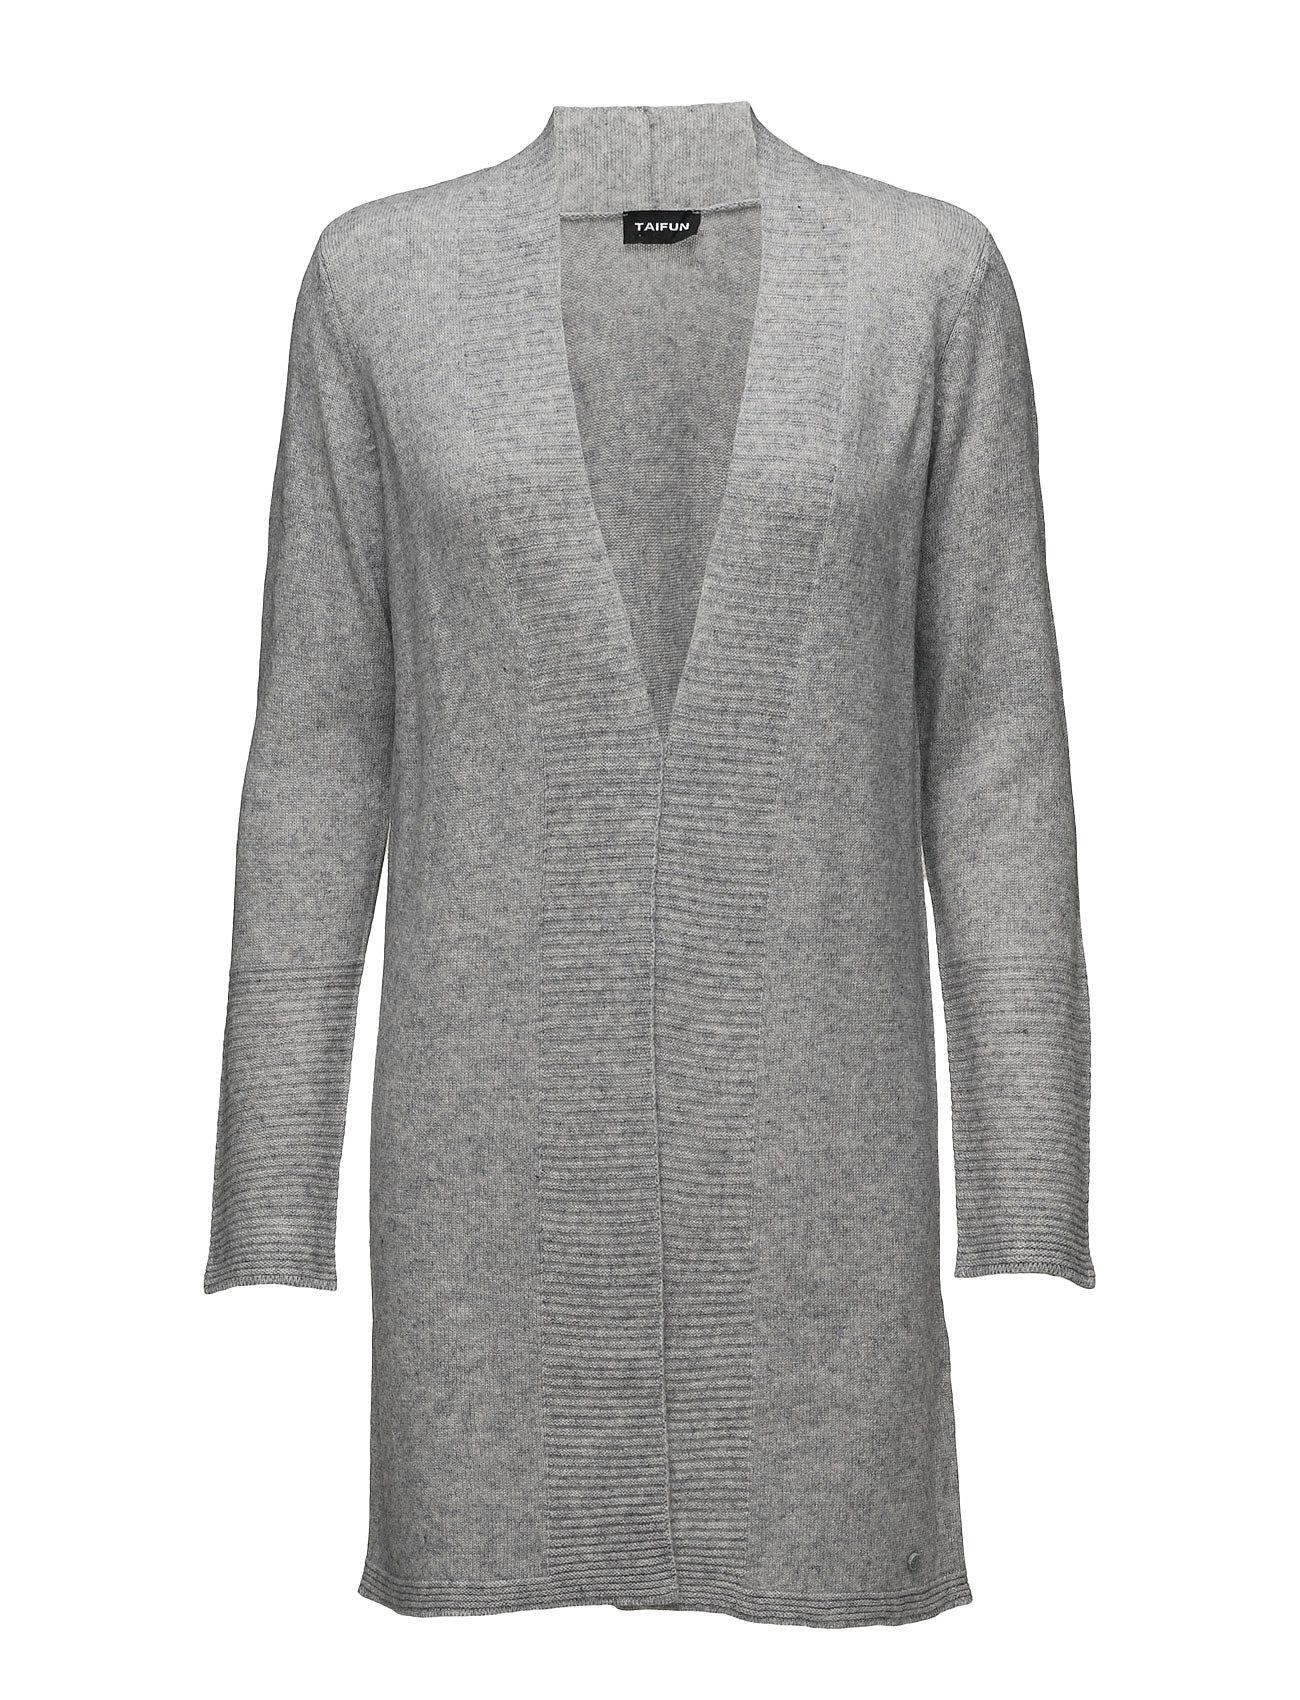 taifun Jacket knitwear på boozt.com dk